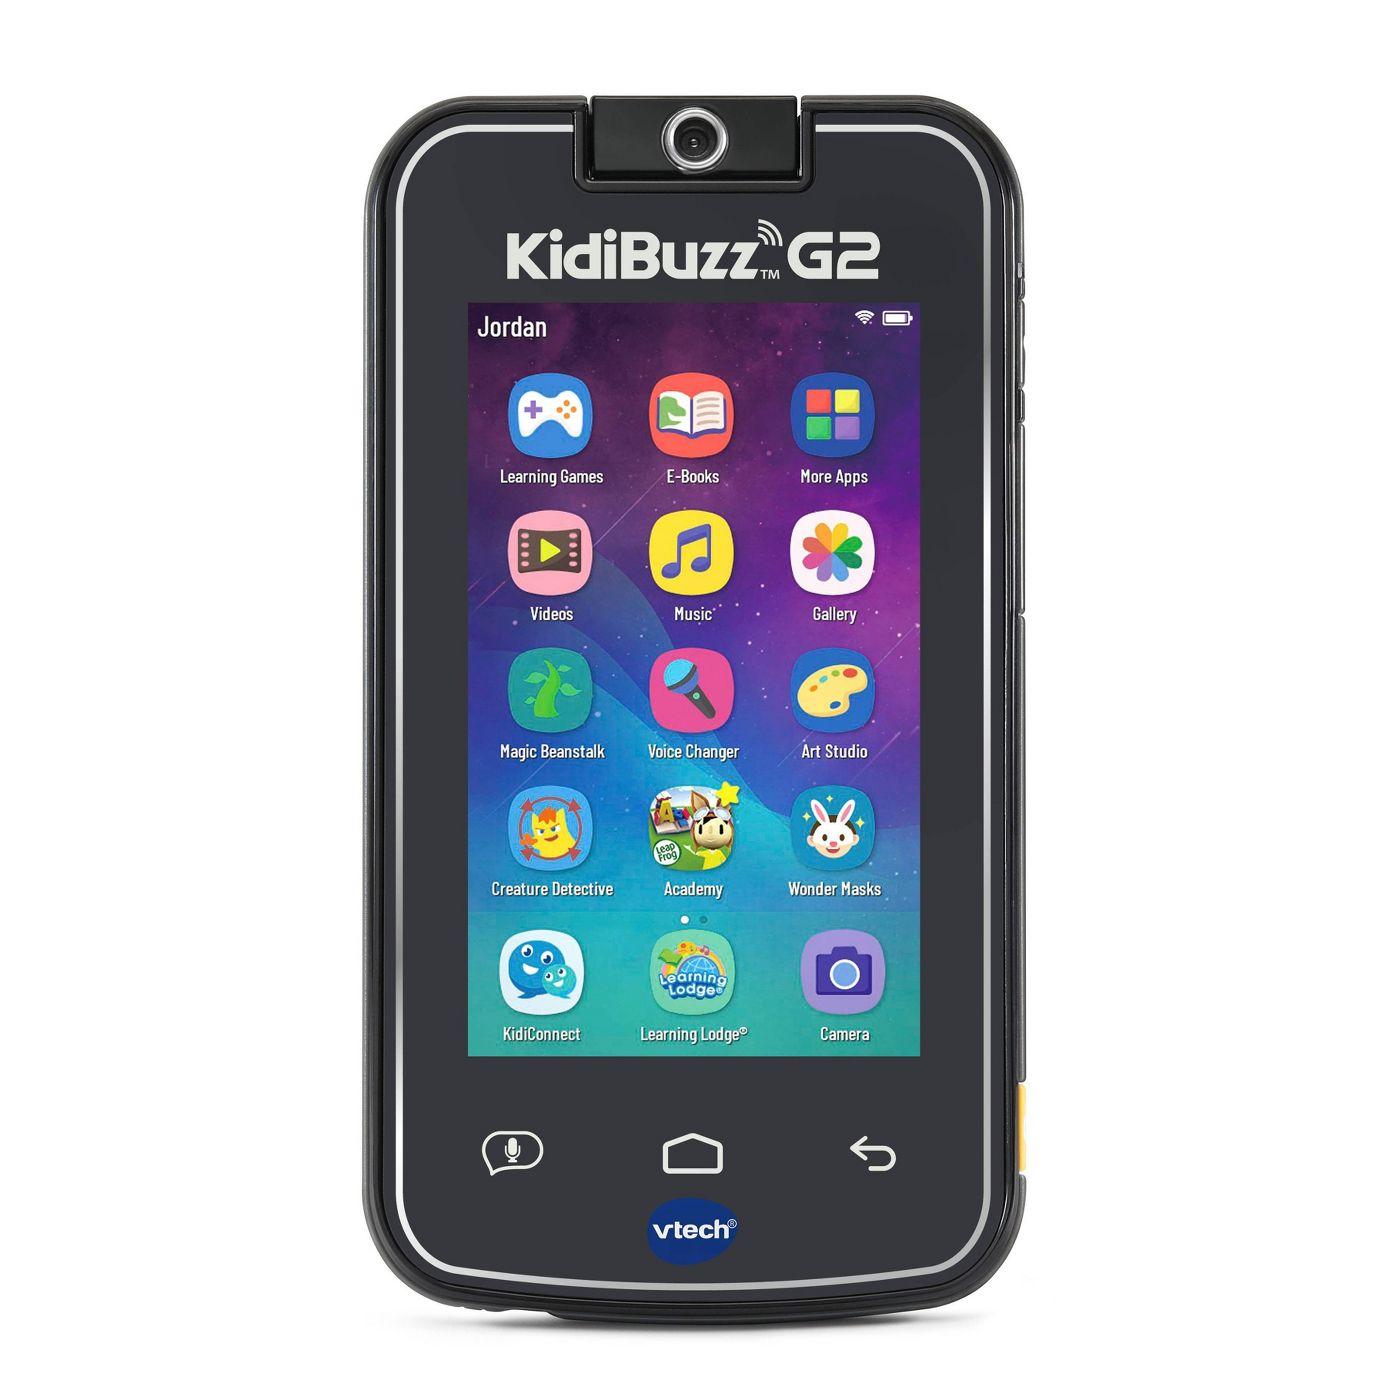 Cell Phone for Kids VTech KidiBuzz